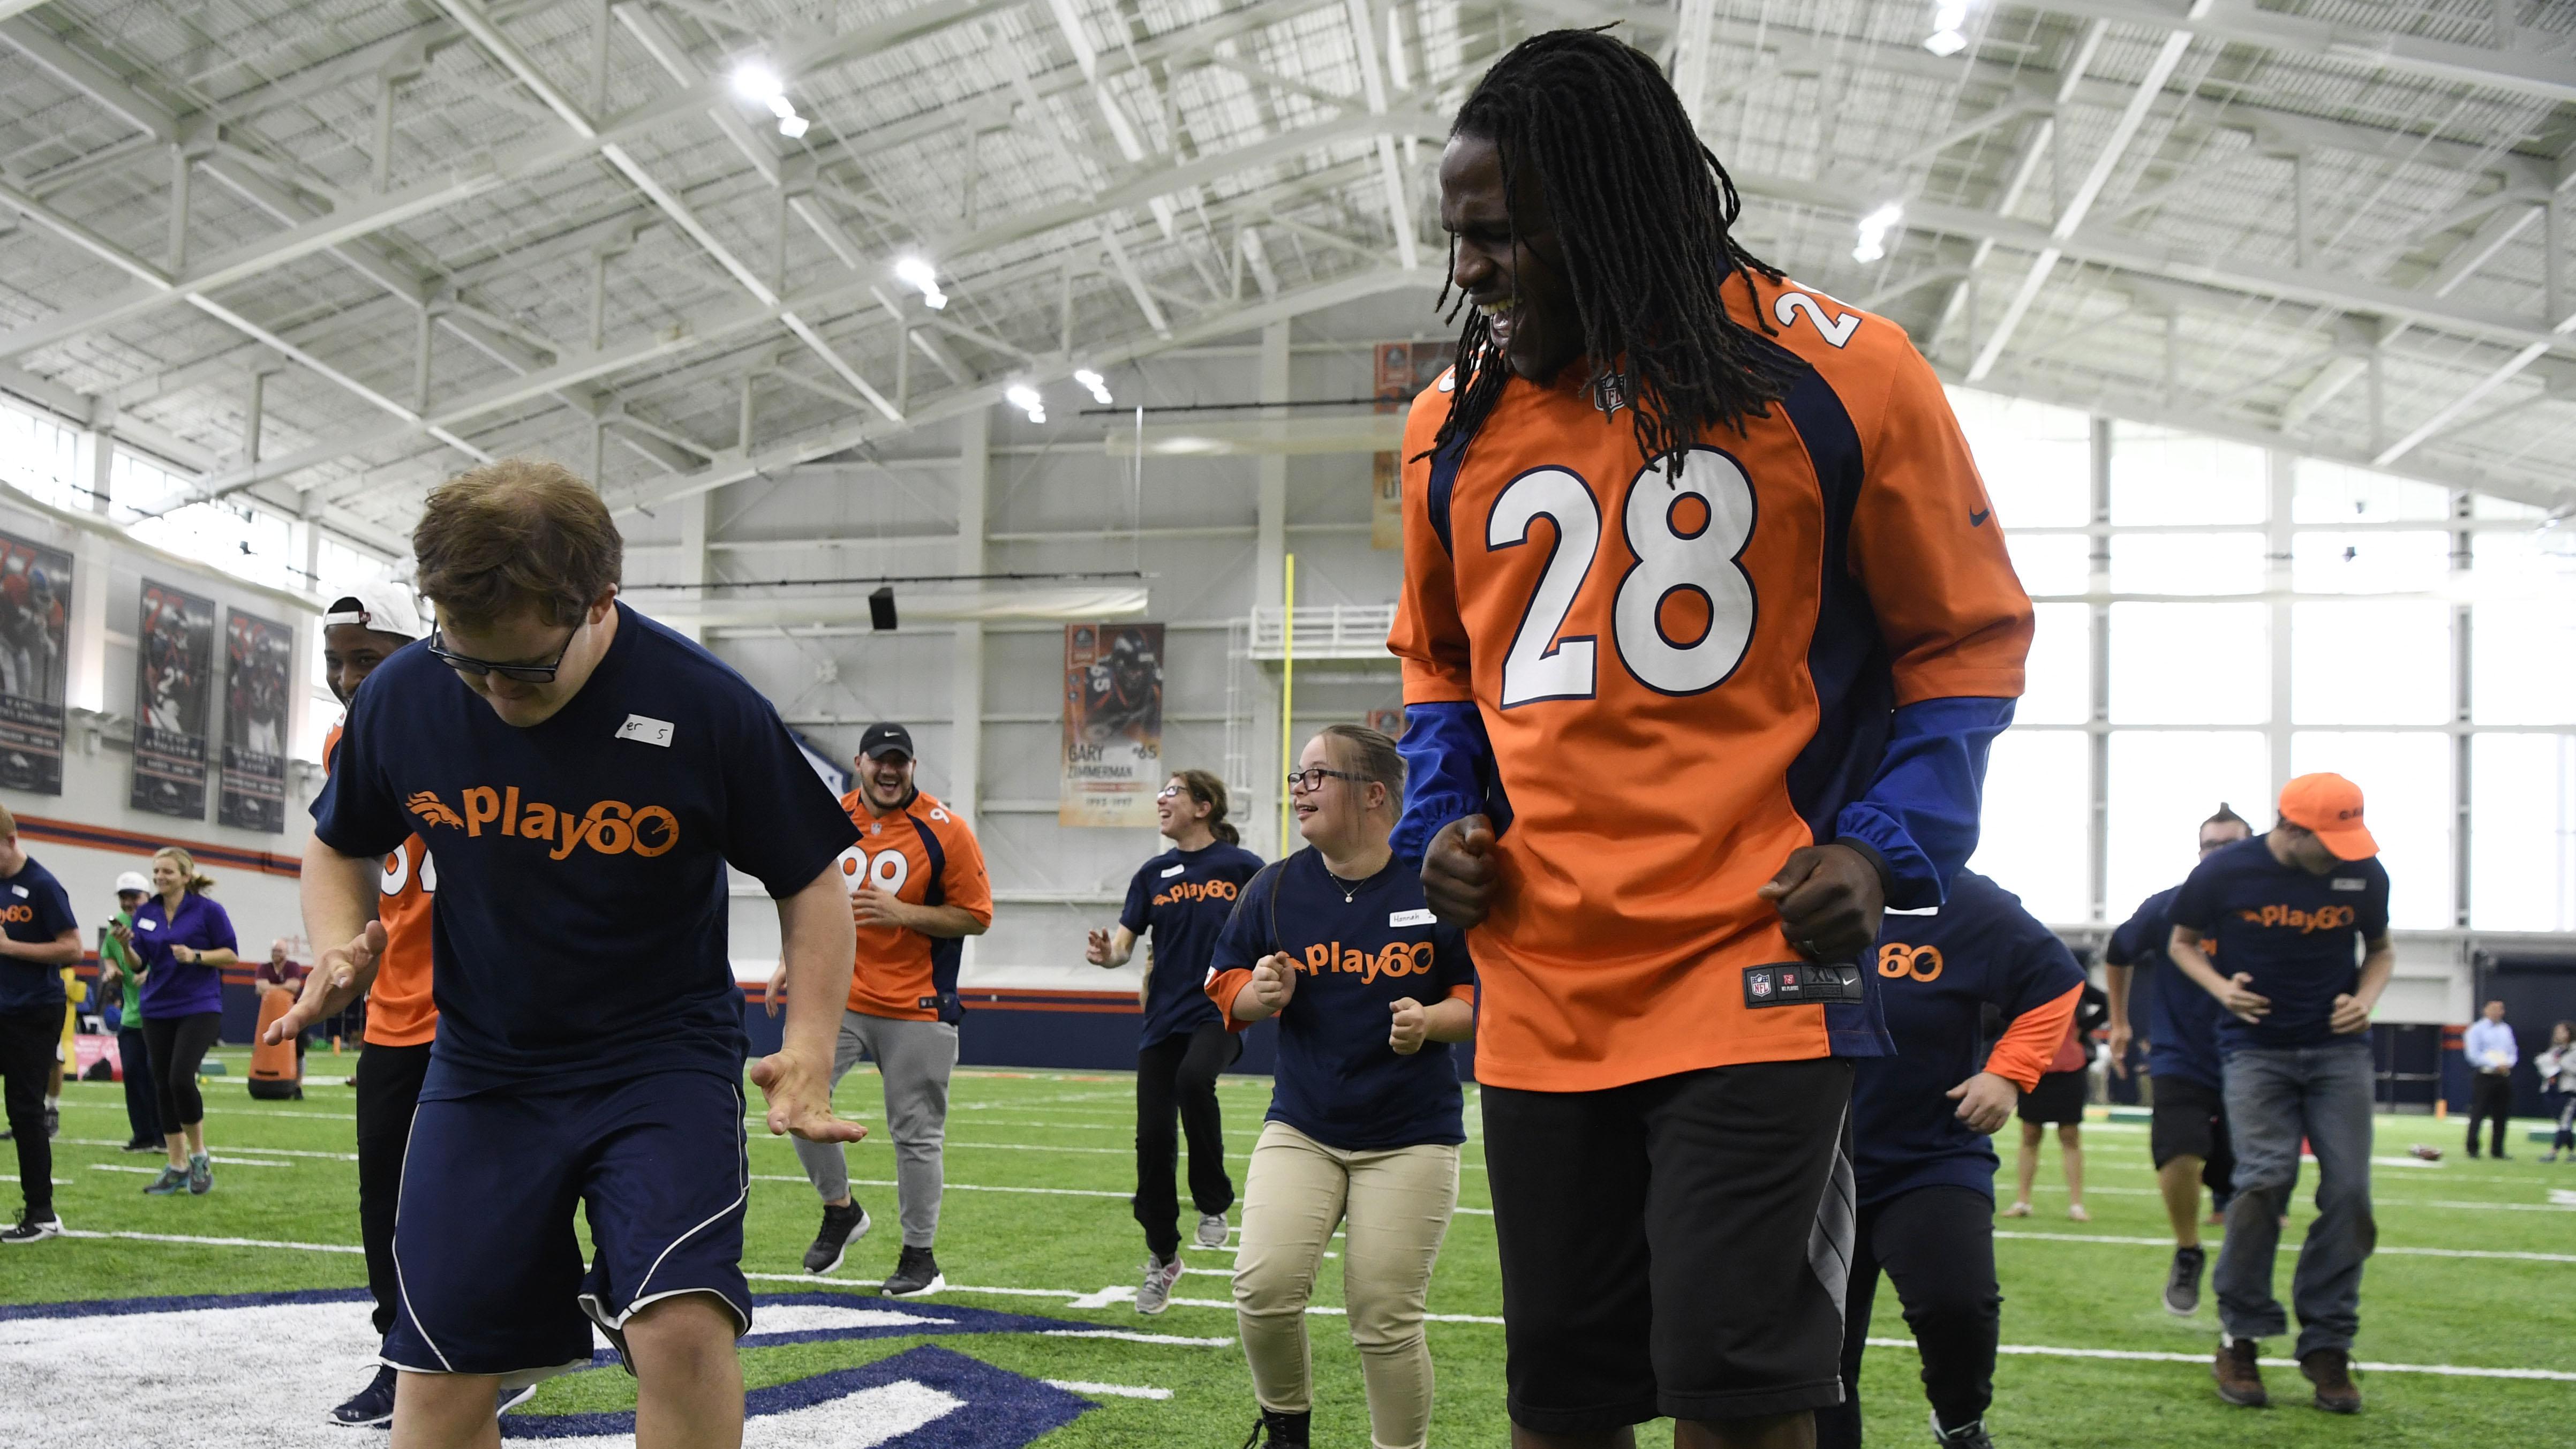 Jamaal Charles, Broncos